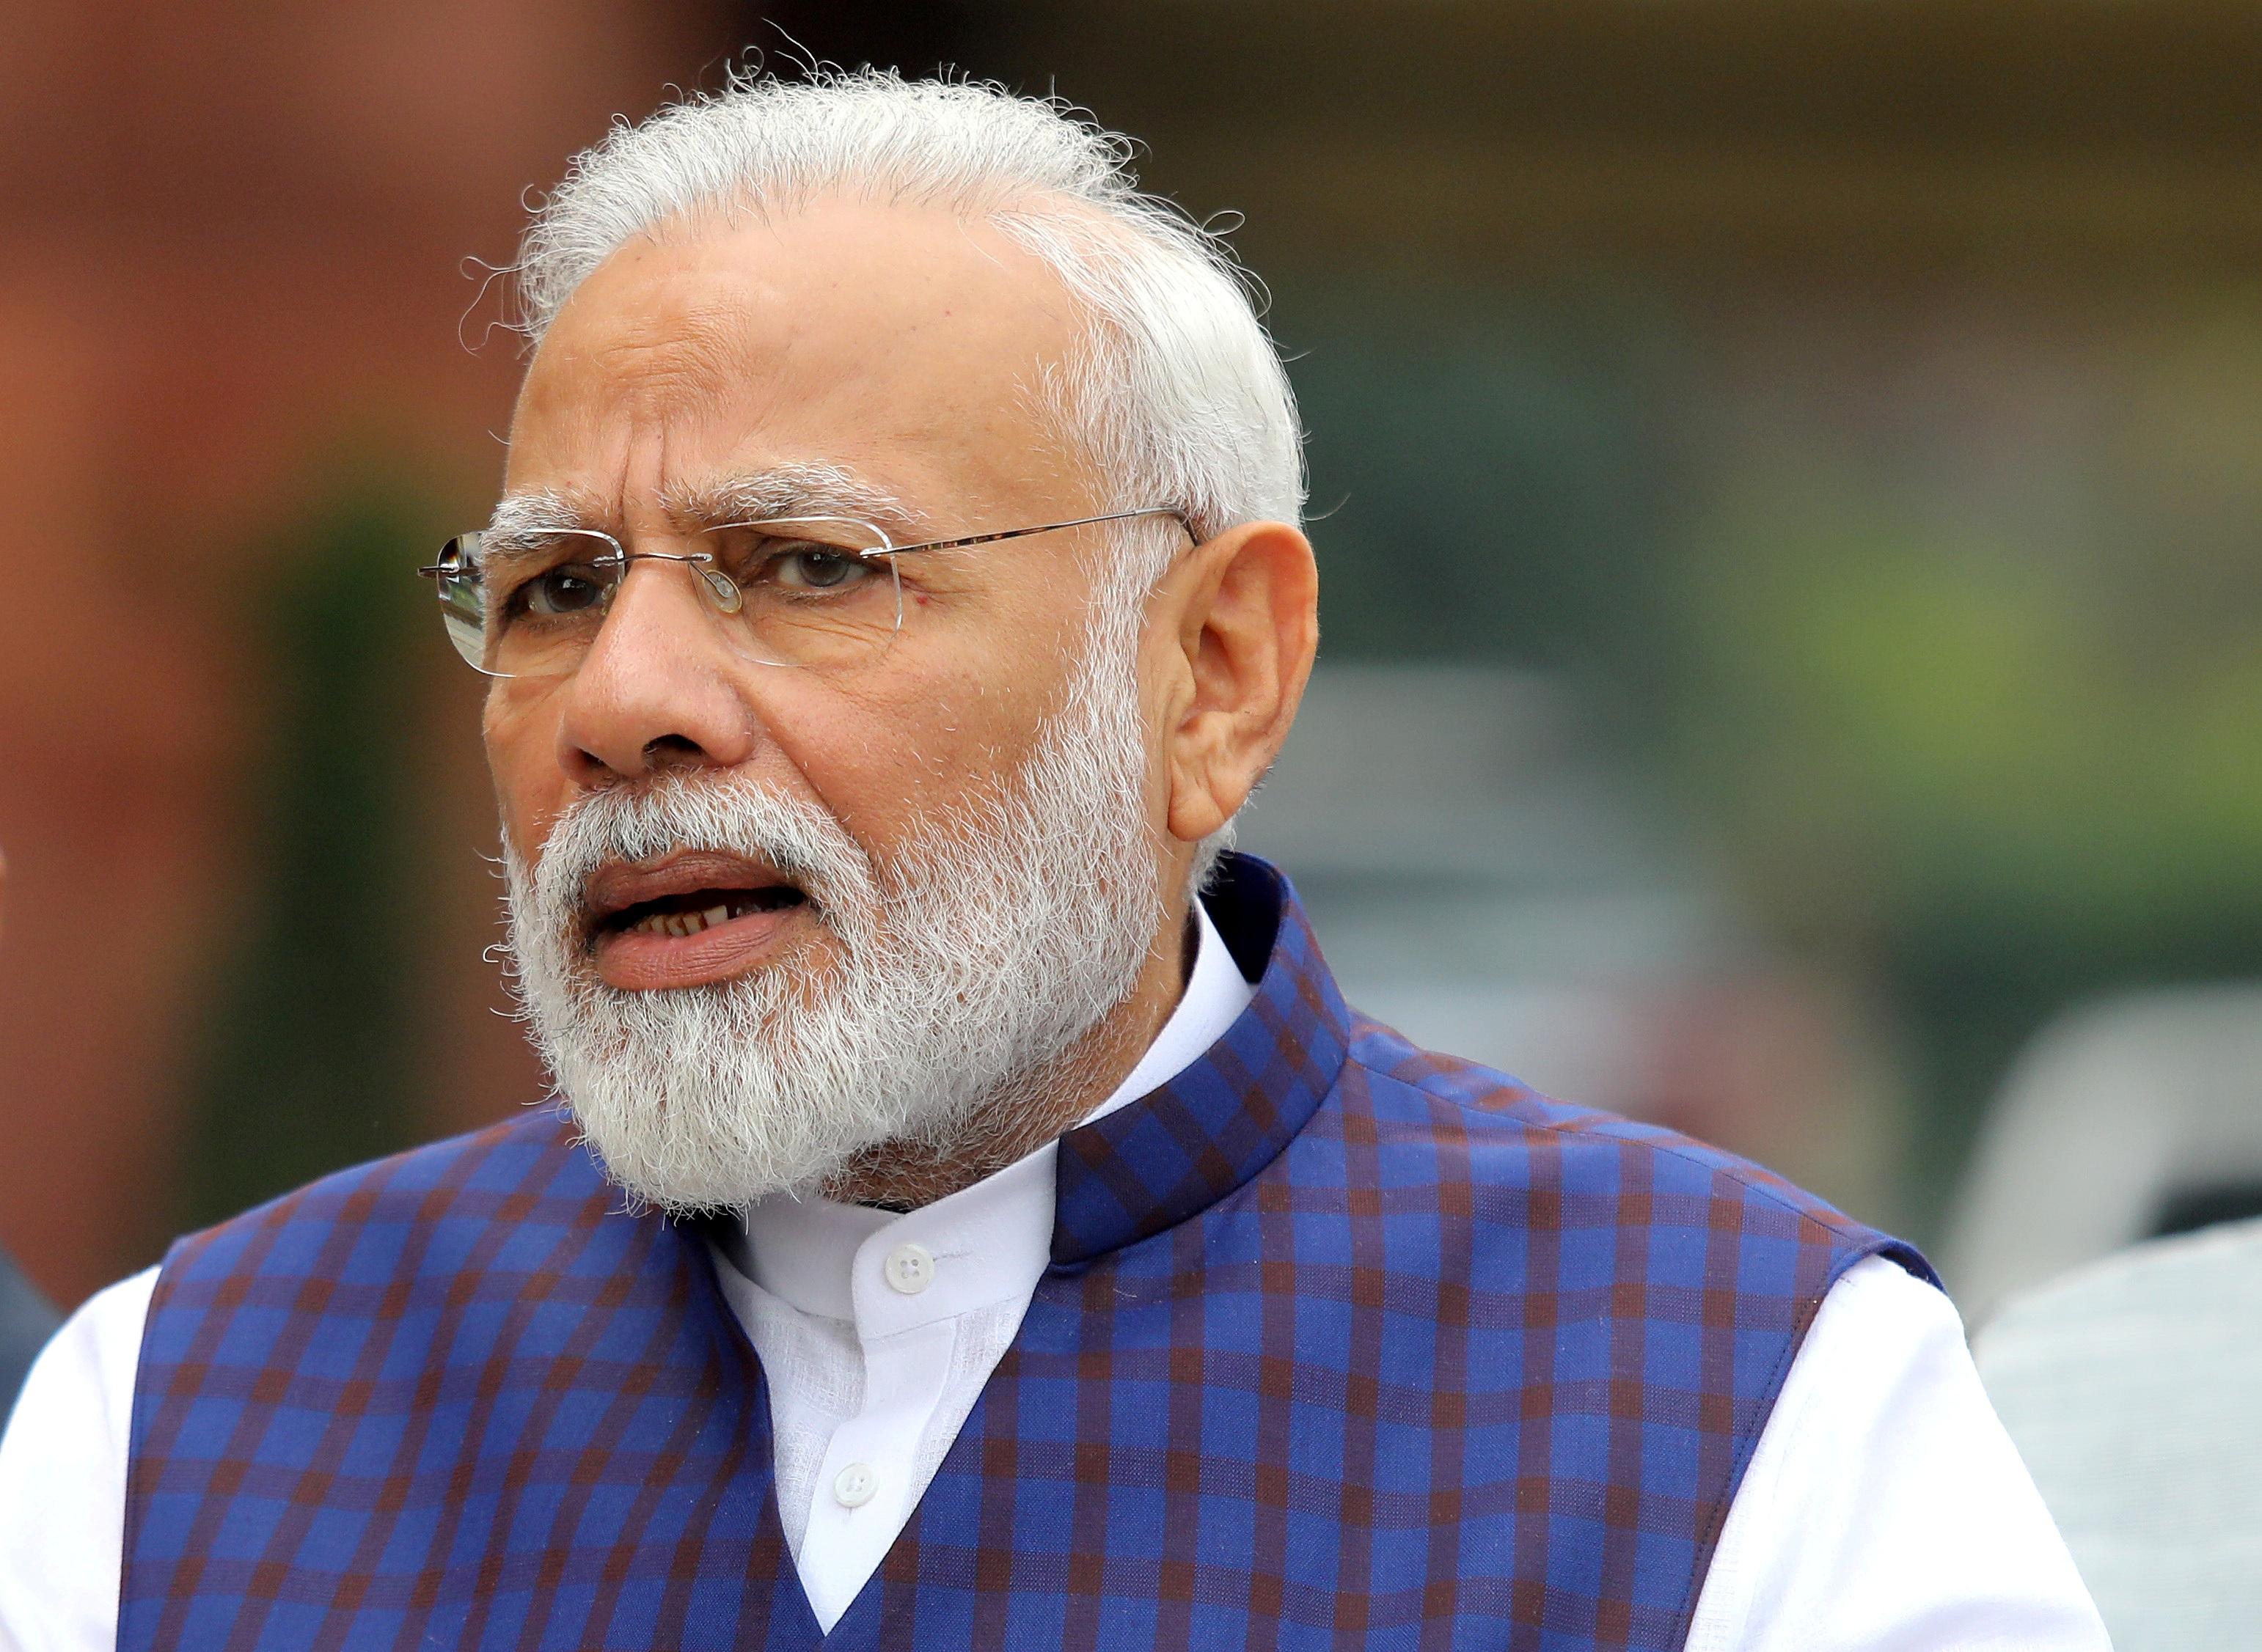 1,3 tỷ dân Ấn Độ bị phong tỏa để chống dịch Covid-19 - 1